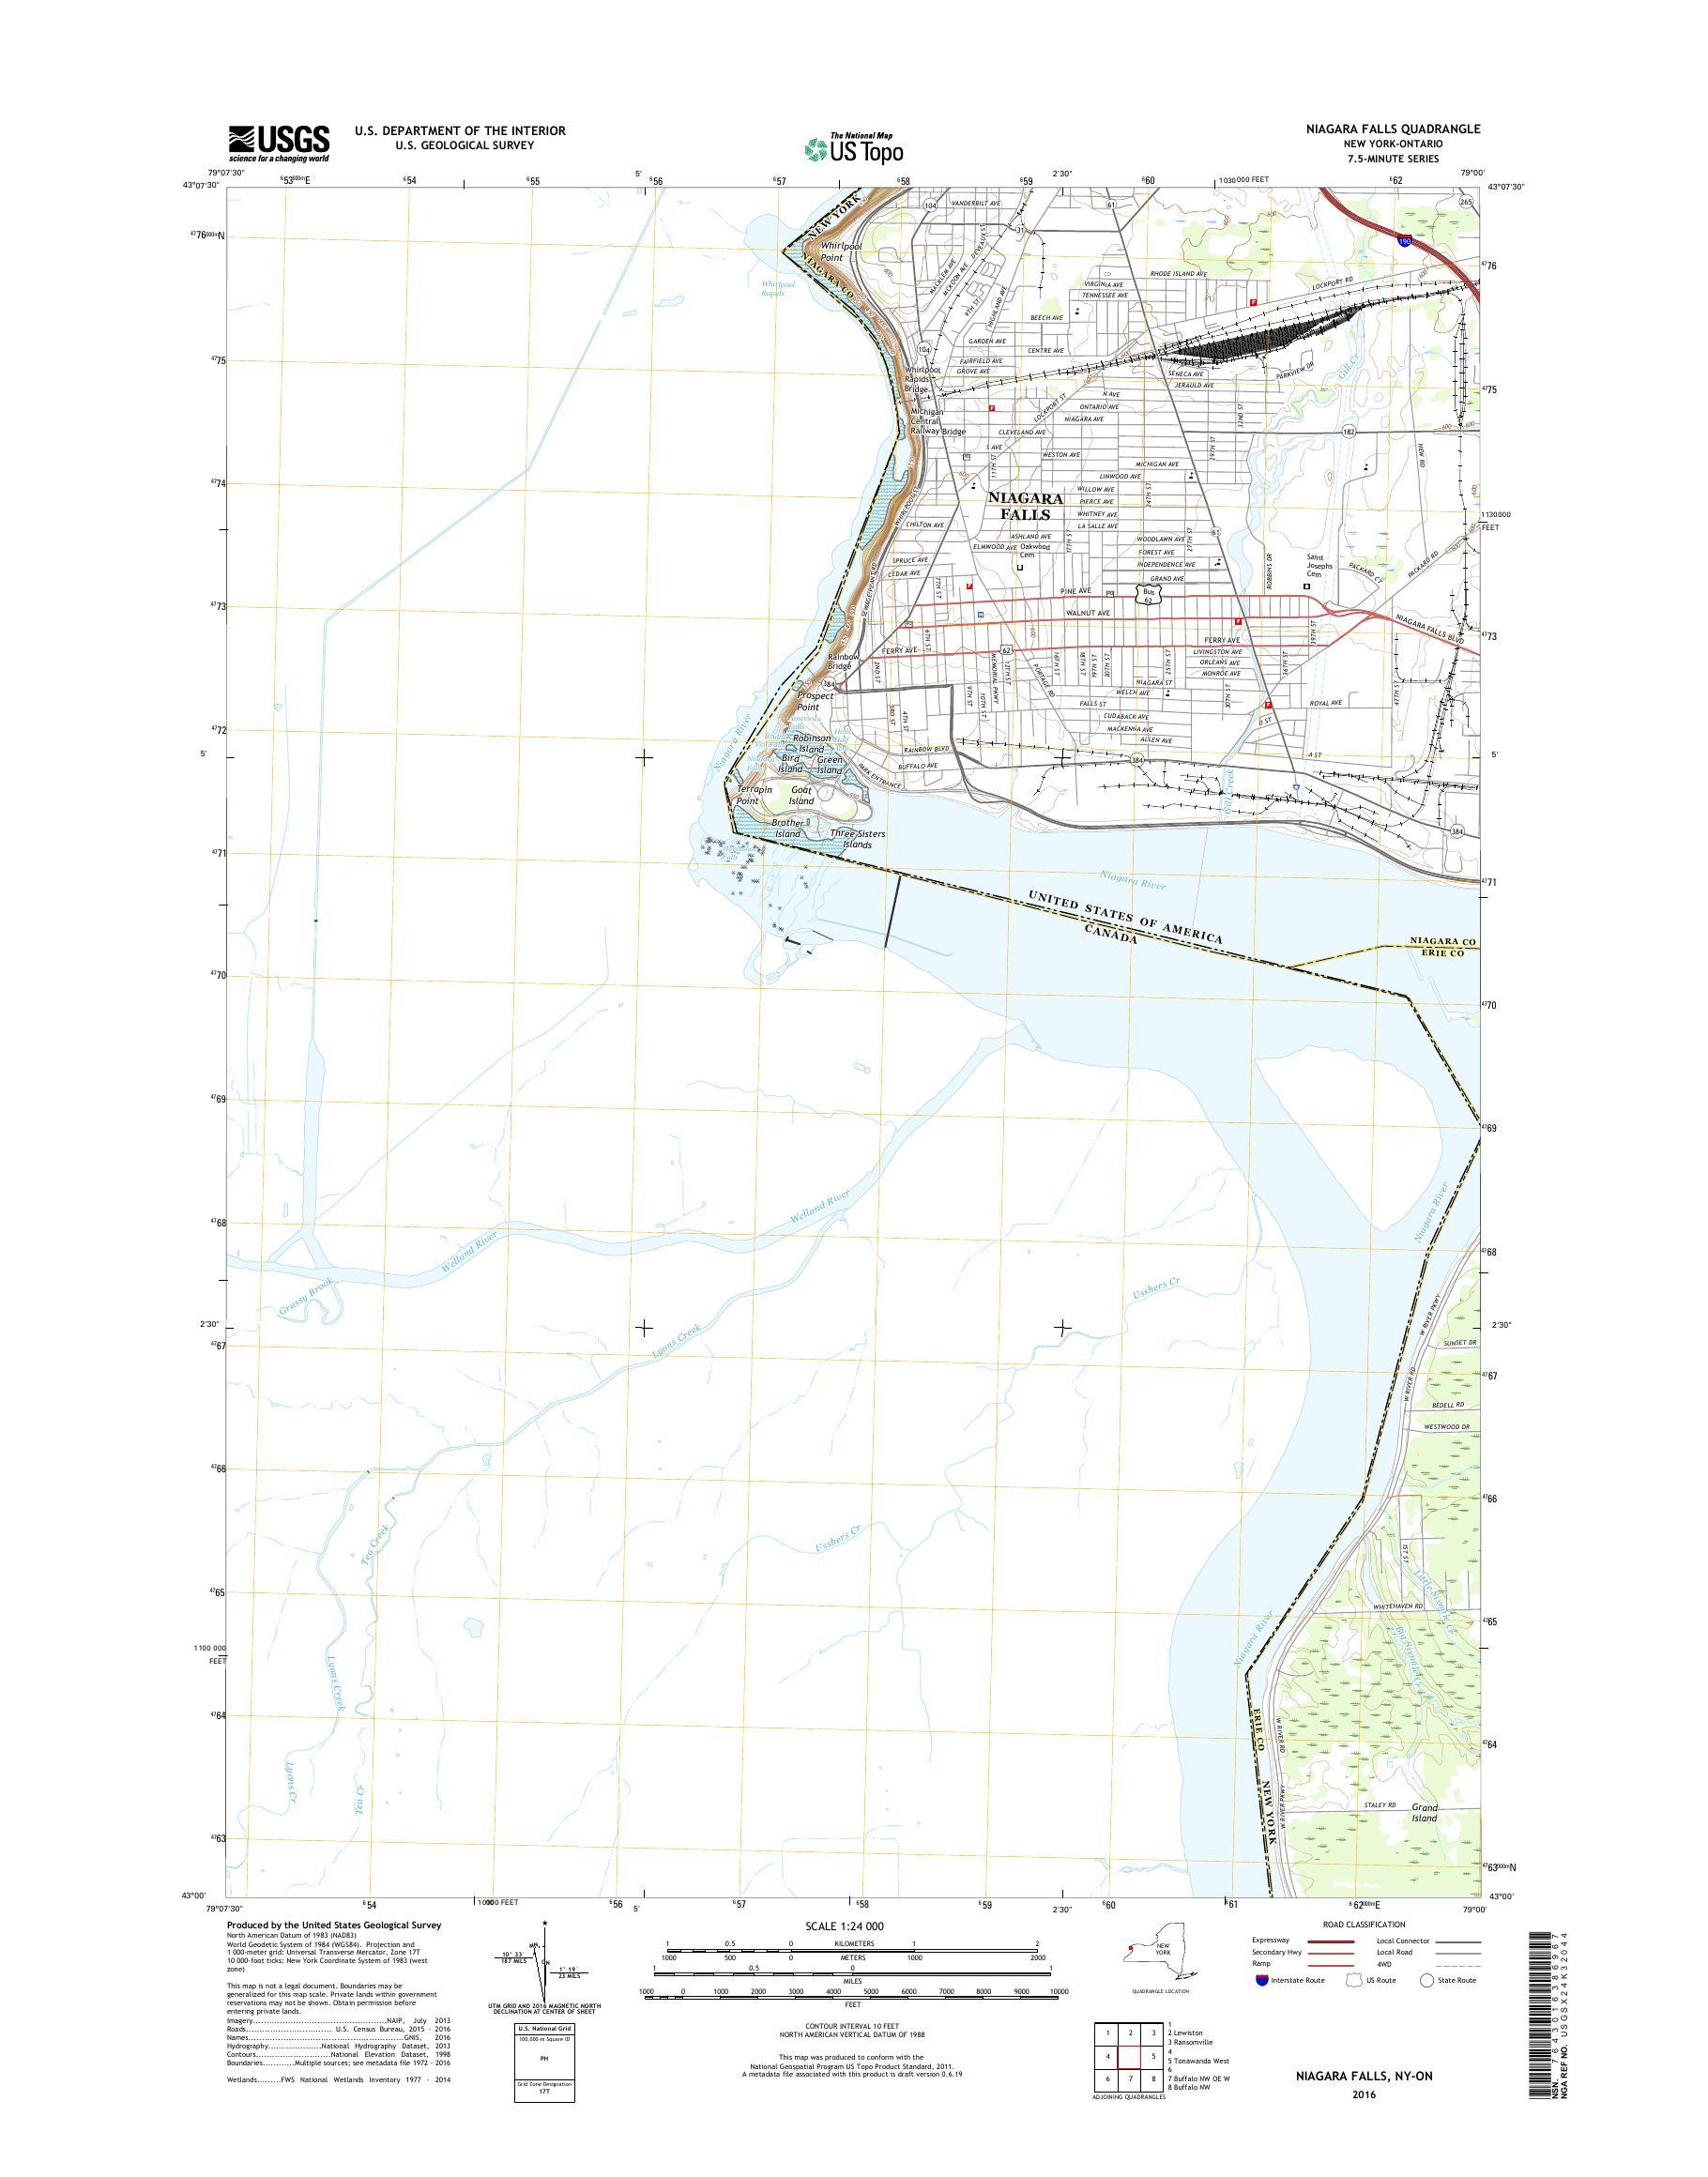 Mytopo Niagara Falls New York Usgs Quad Topo Map